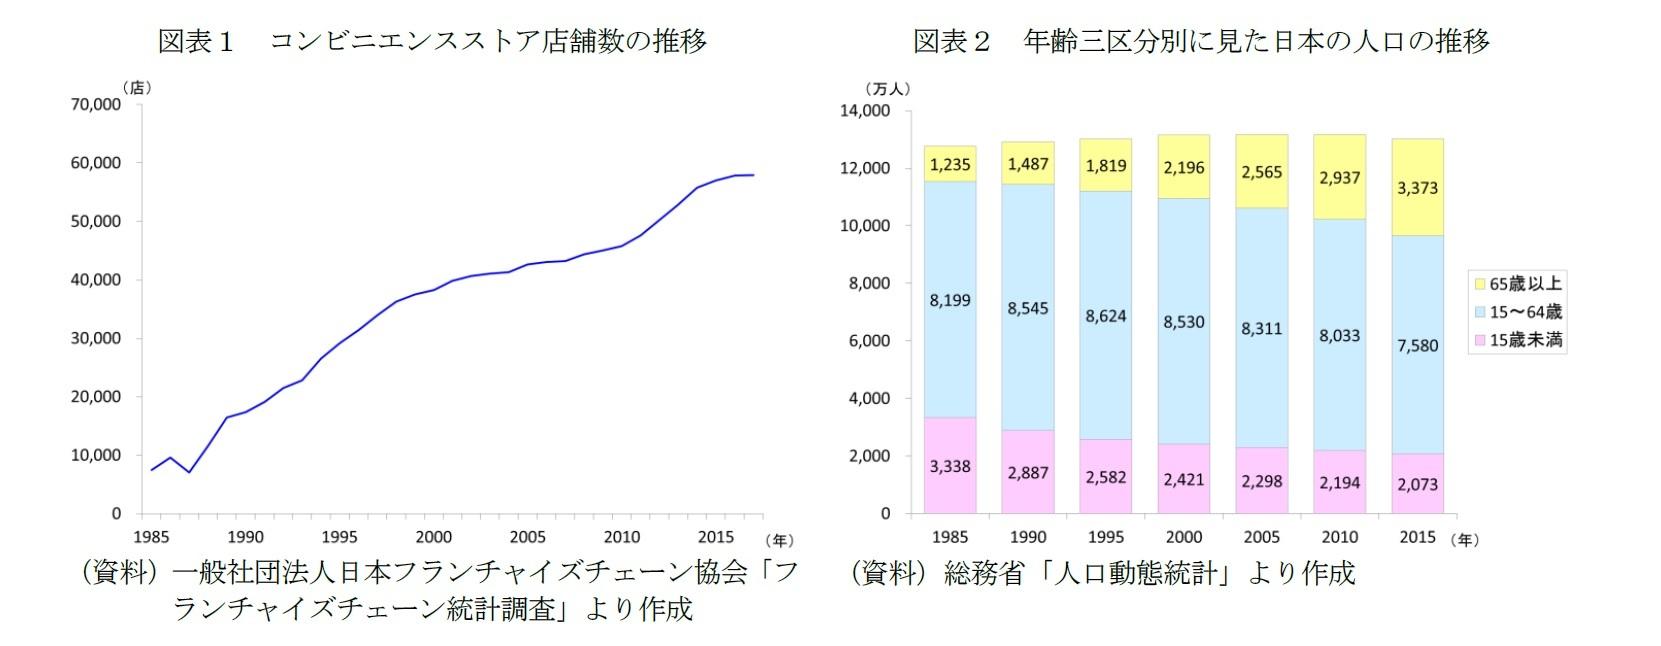 図表1 コンビニエンスストア店舗数の推移/図表2 年齢三区分別に見た日本の人口の推移